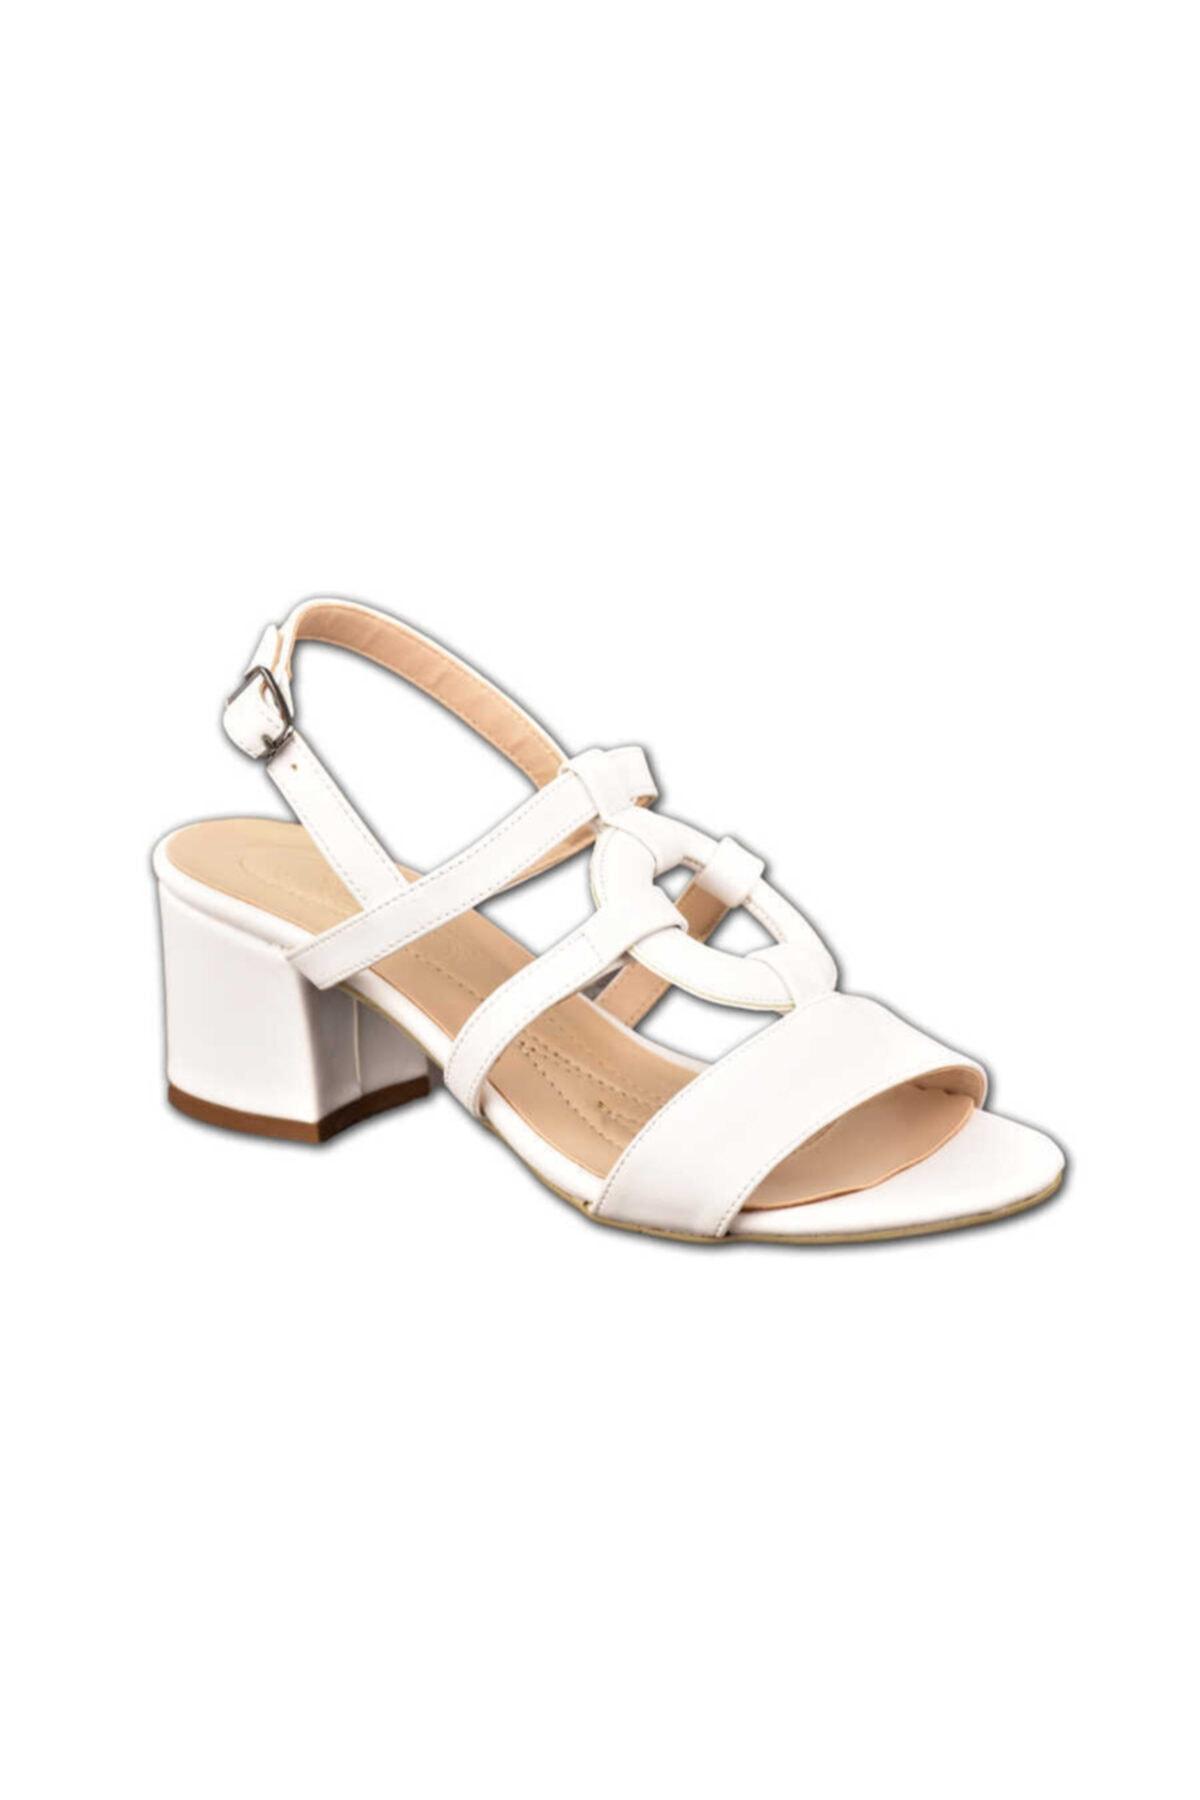 FELES Kadın Topuklu Ayakkabı 02-713-20y